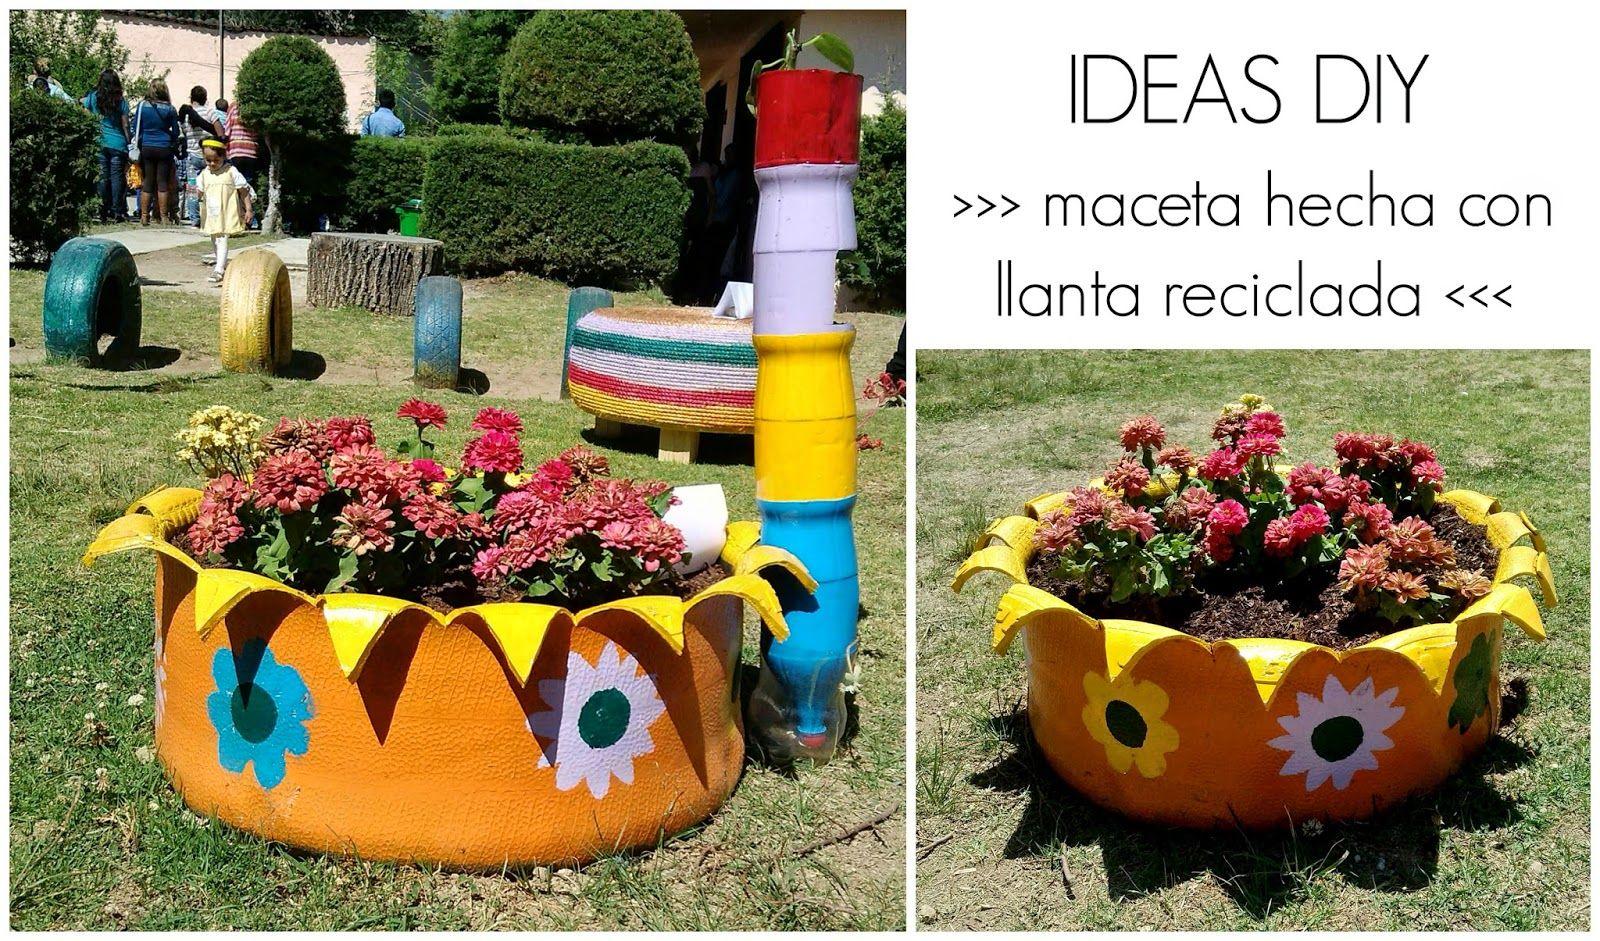 Diy Maceta Hecha Con Llanta Reciclada Llantas Recicladas Reciclaje De Llantas Maceta